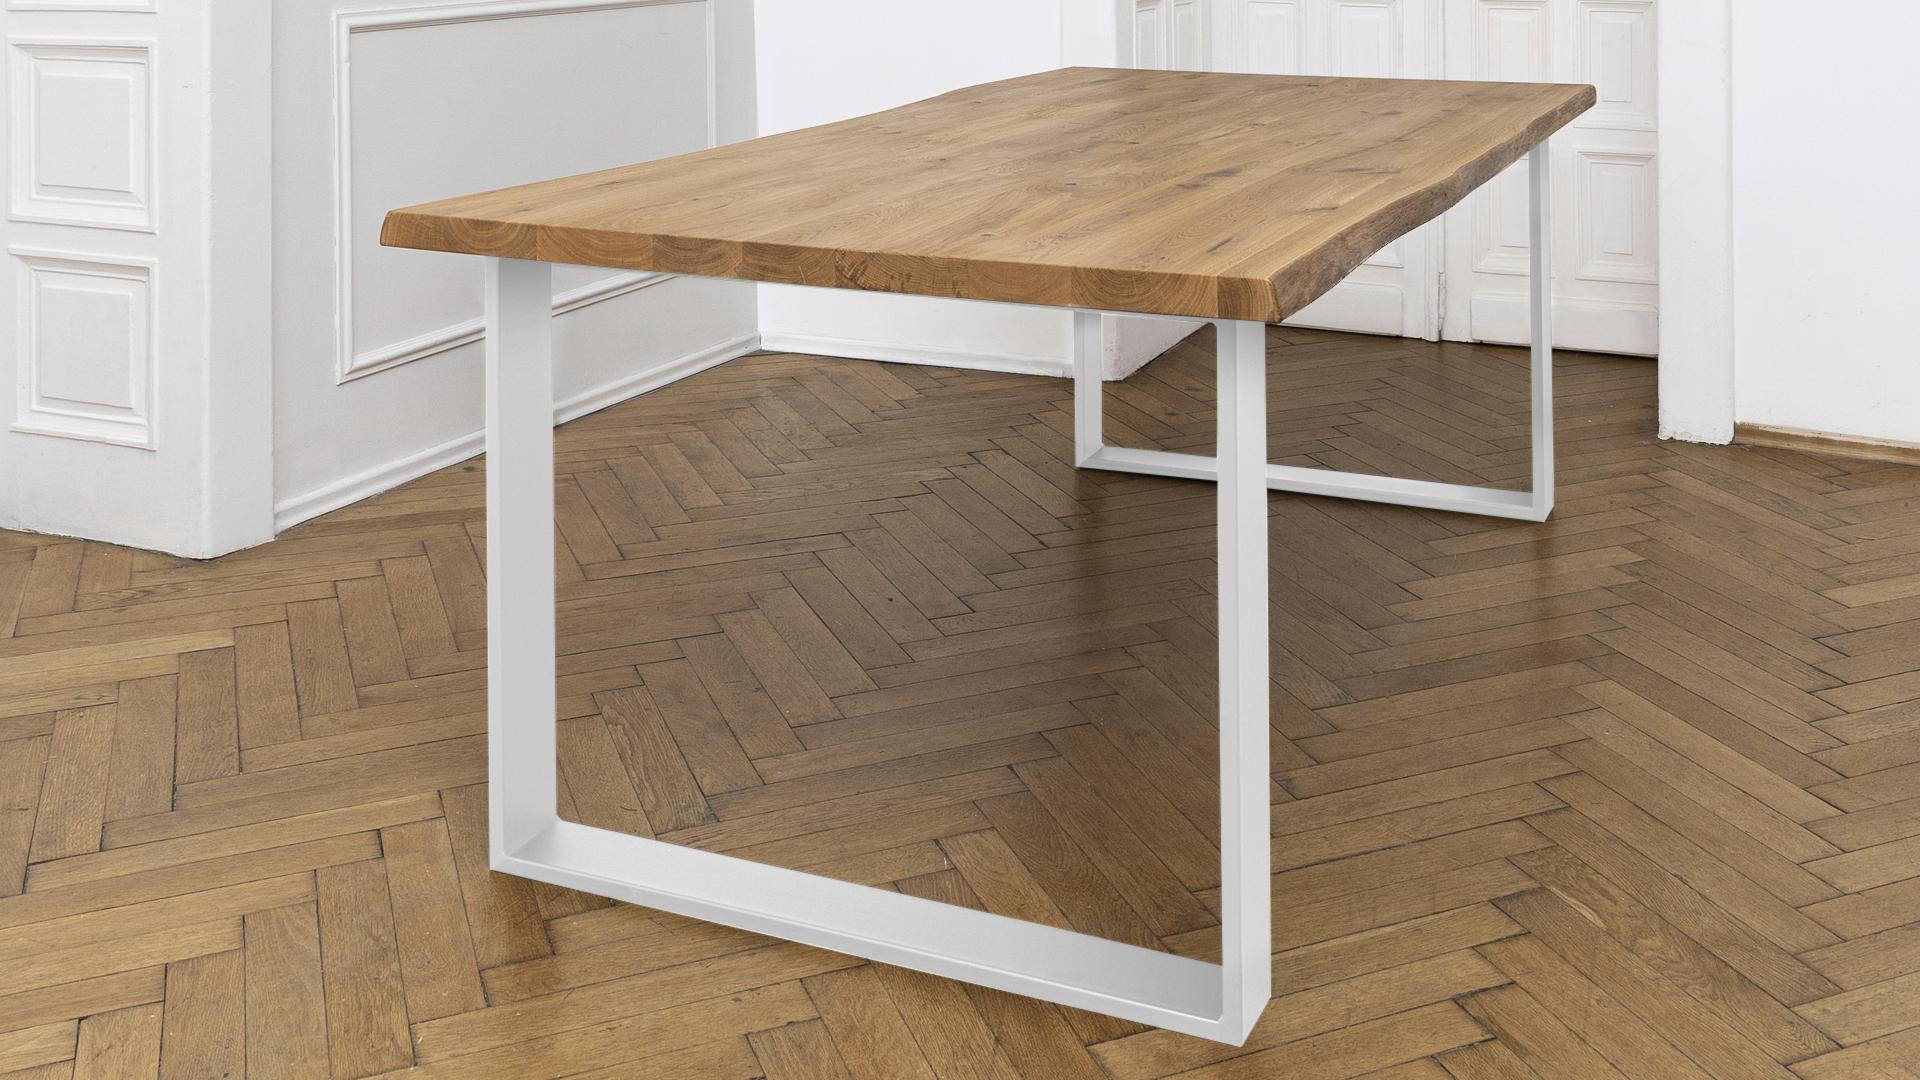 dębowy stół, noga biała